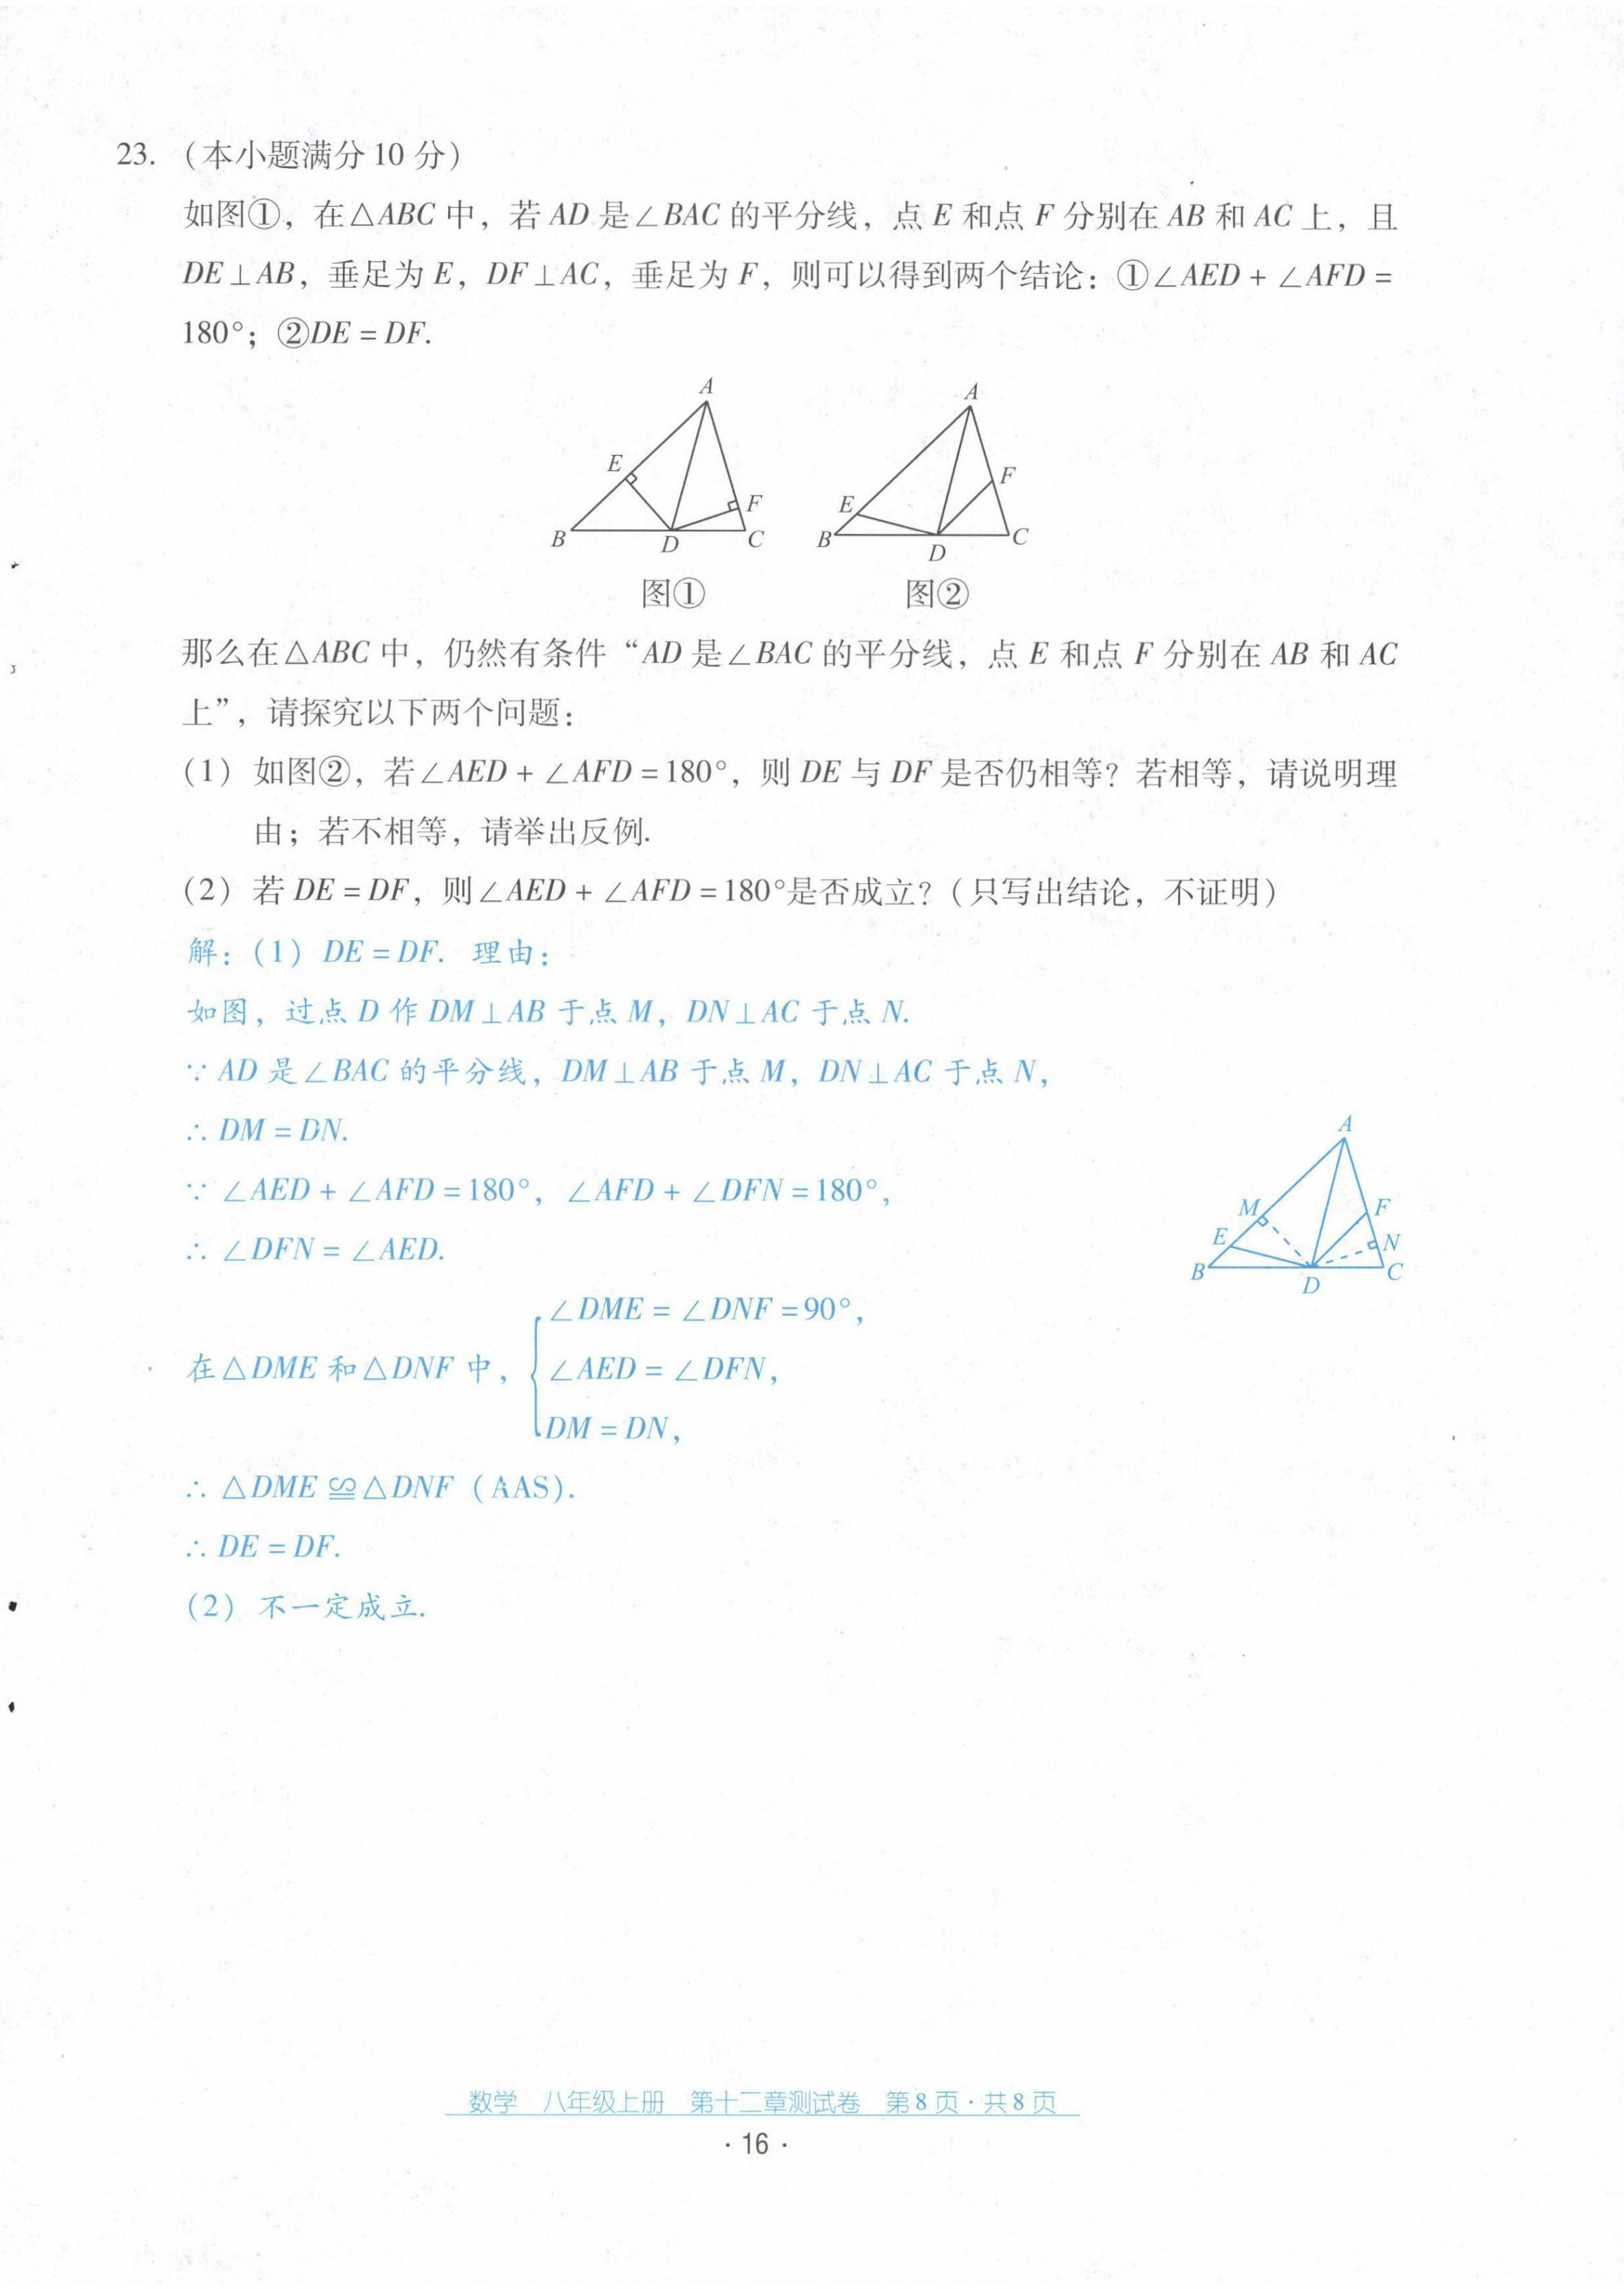 2021年云南省标准教辅优佳学案配套测试卷八年级数学上册人教版第16页